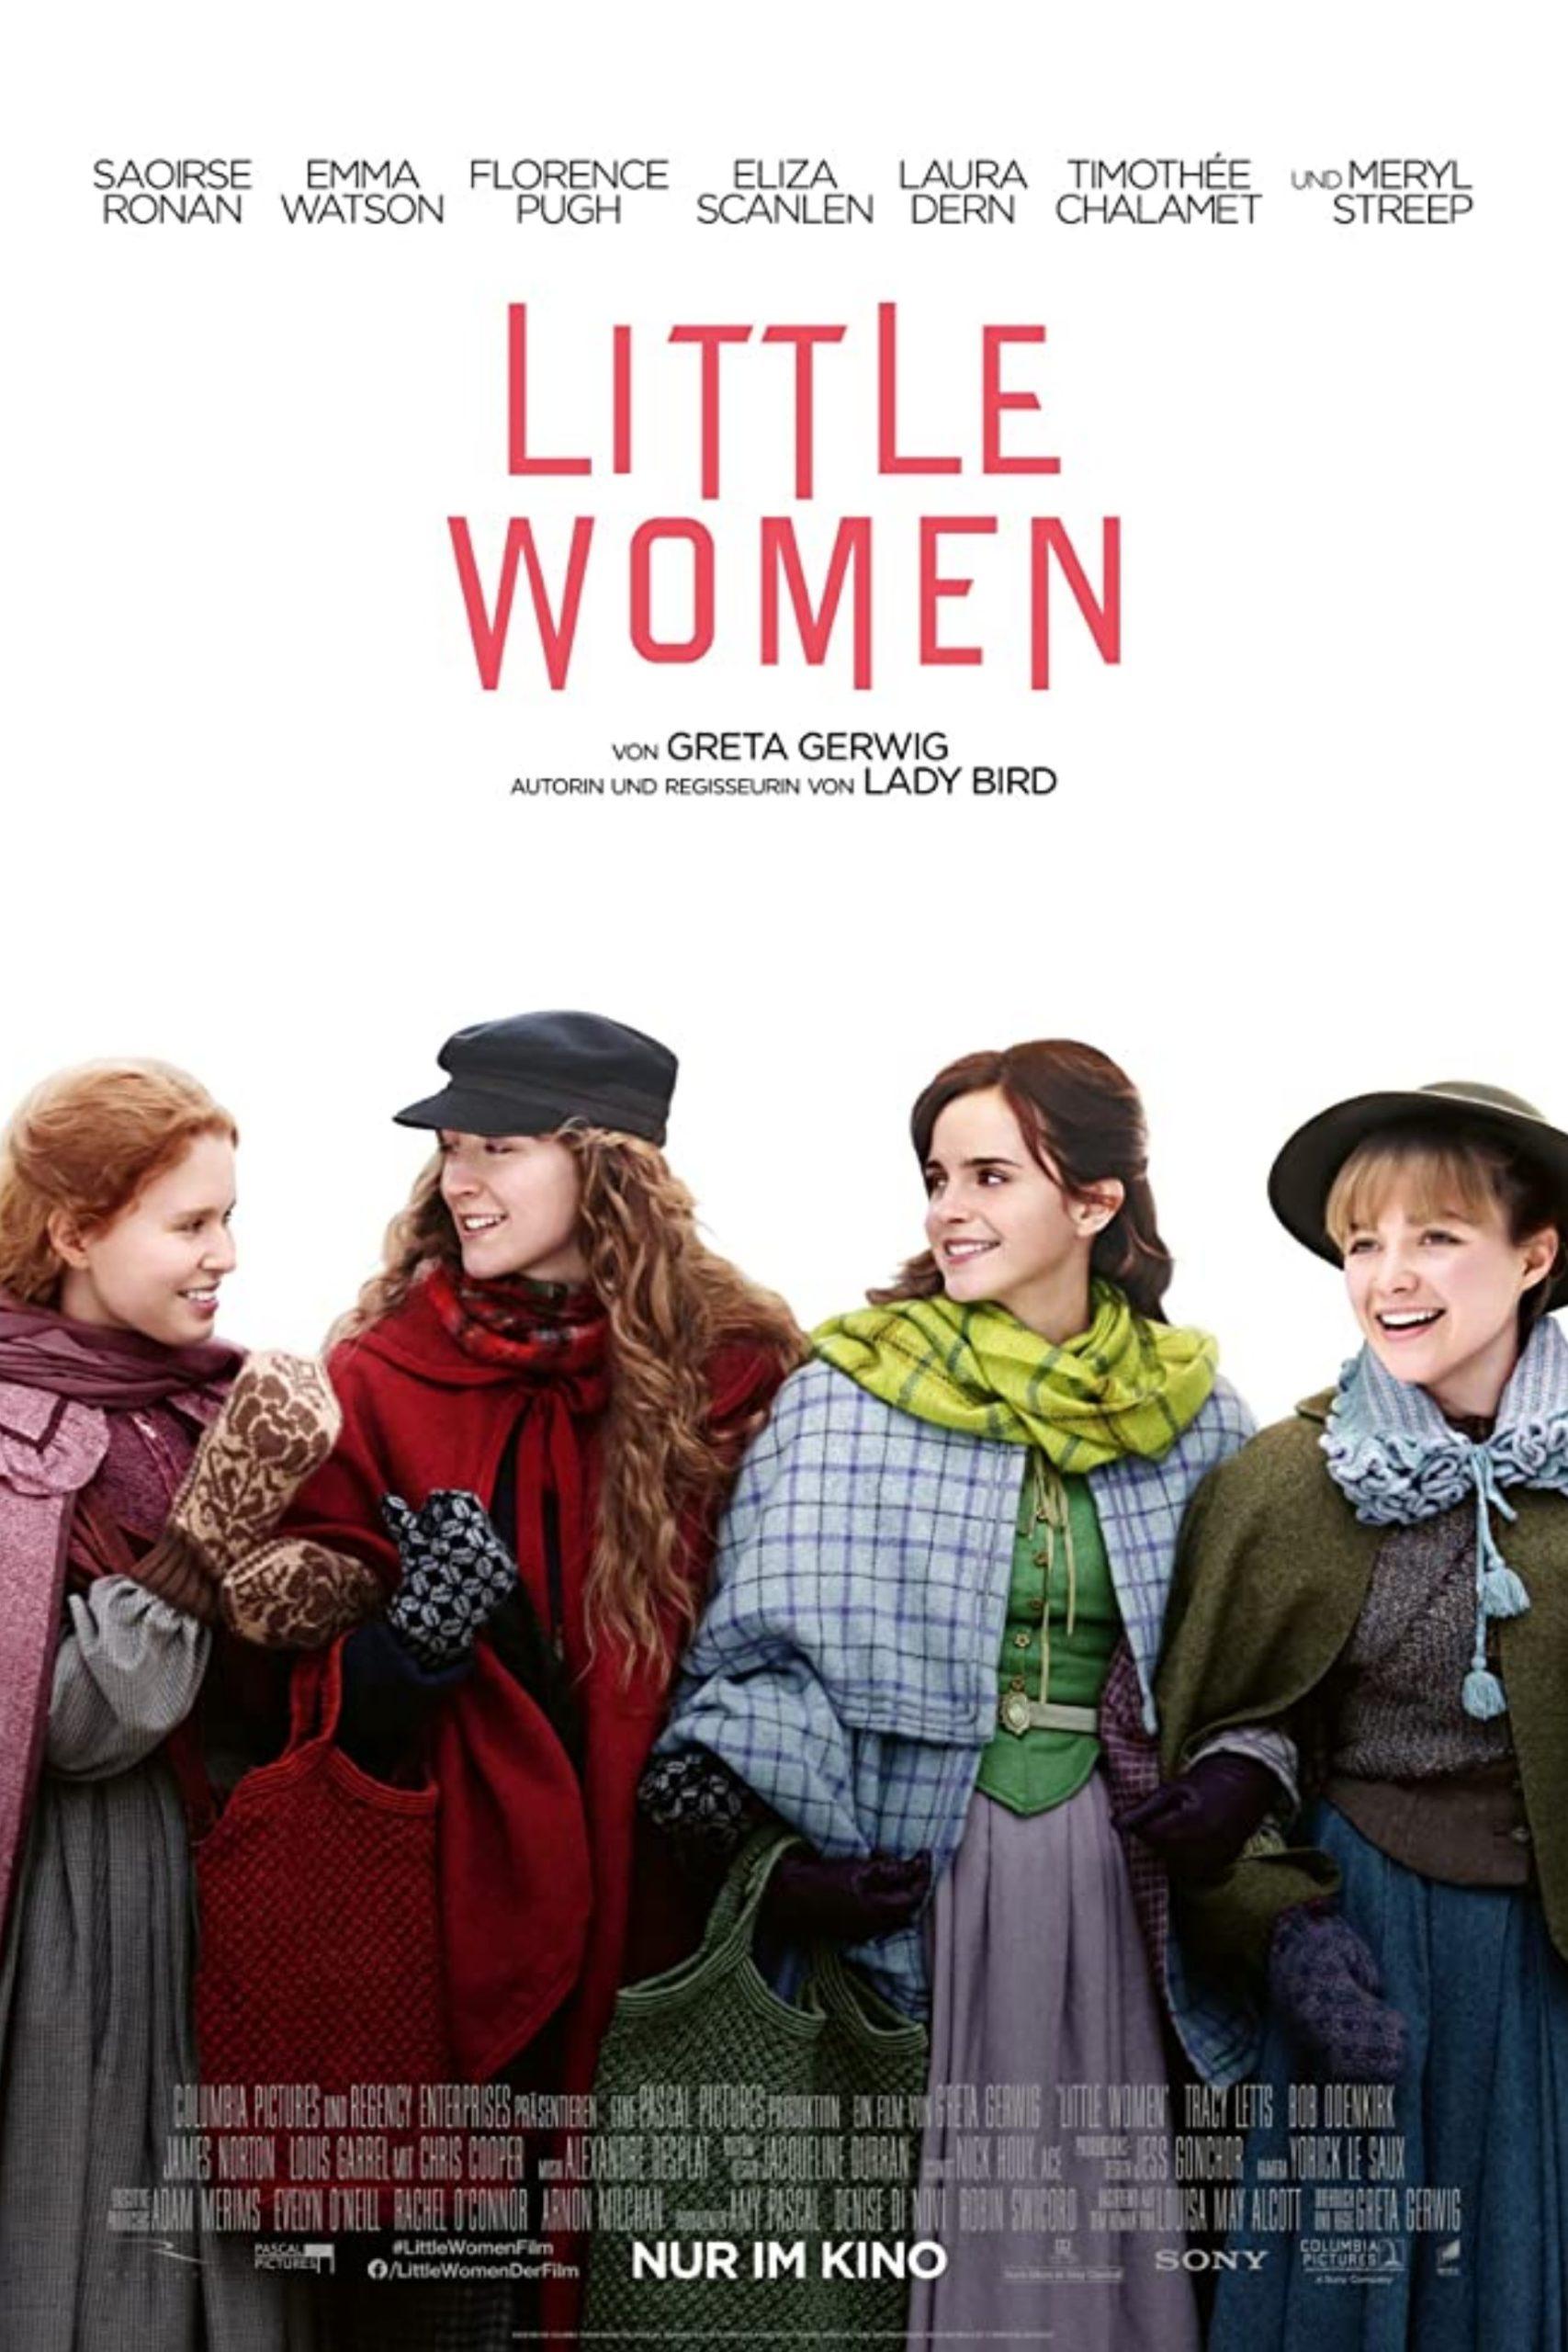 <b>17.12.2020</b><br>20:00 Uhr<br><b>Little Women</b>